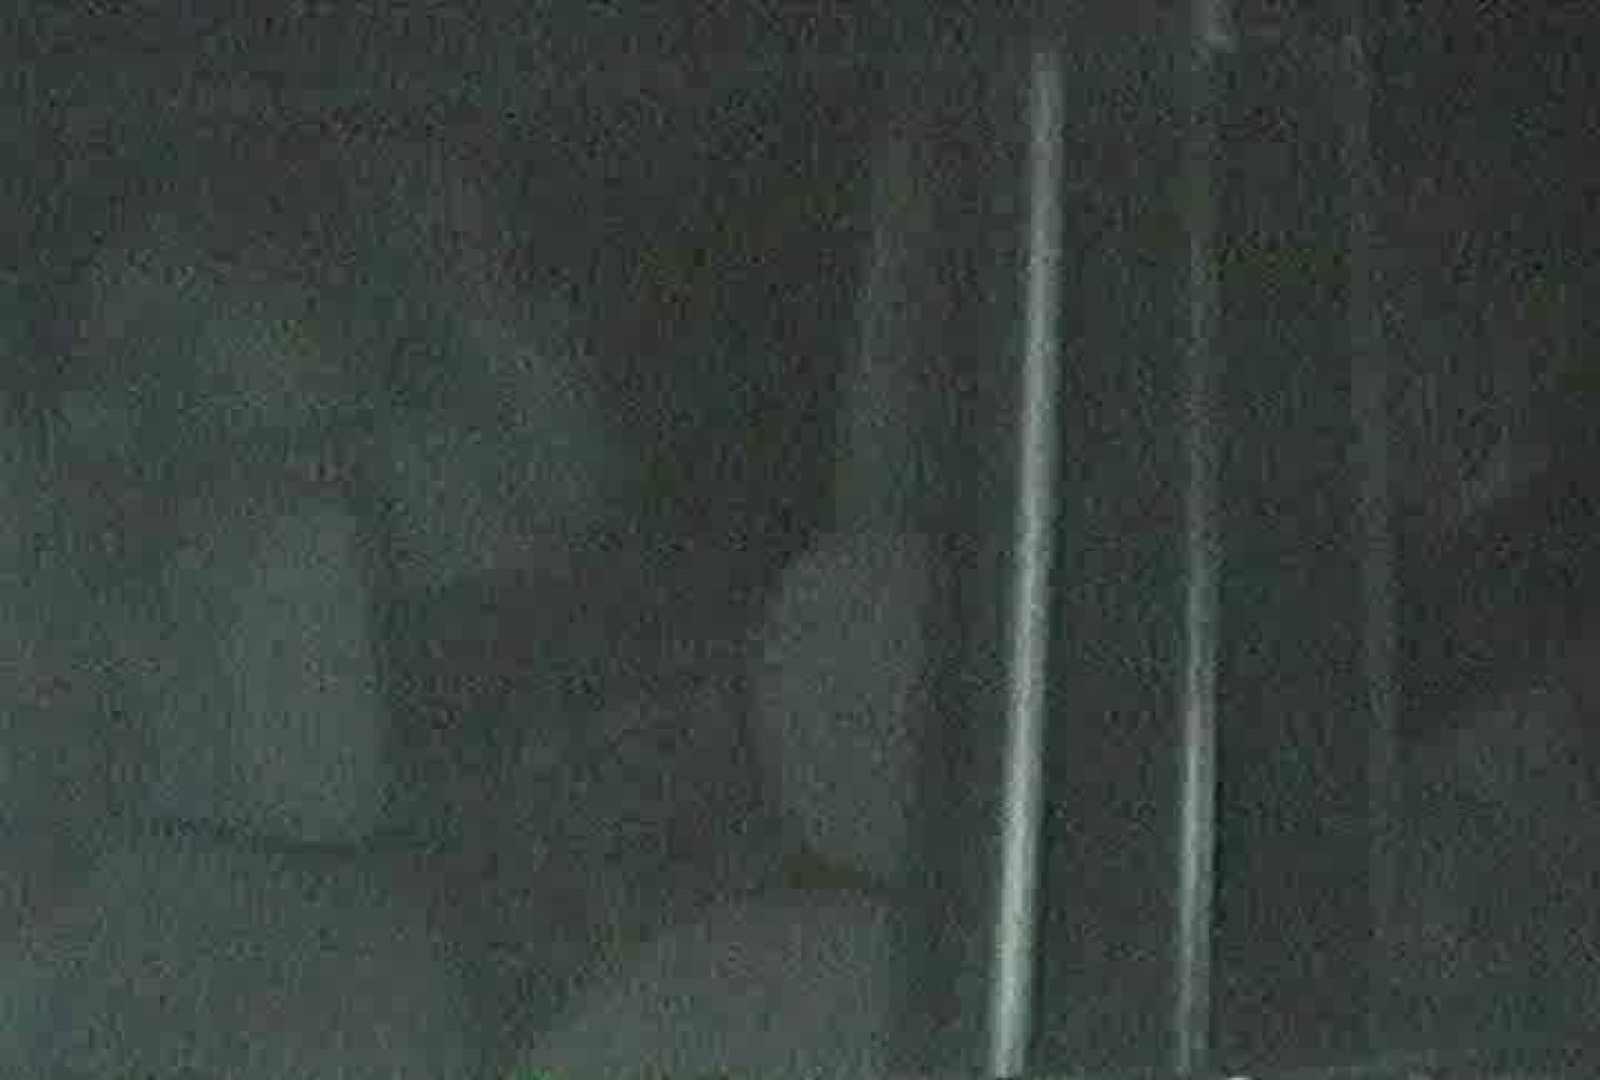 充血監督の深夜の運動会Vol.56 フェラ エロ画像 16連発 11